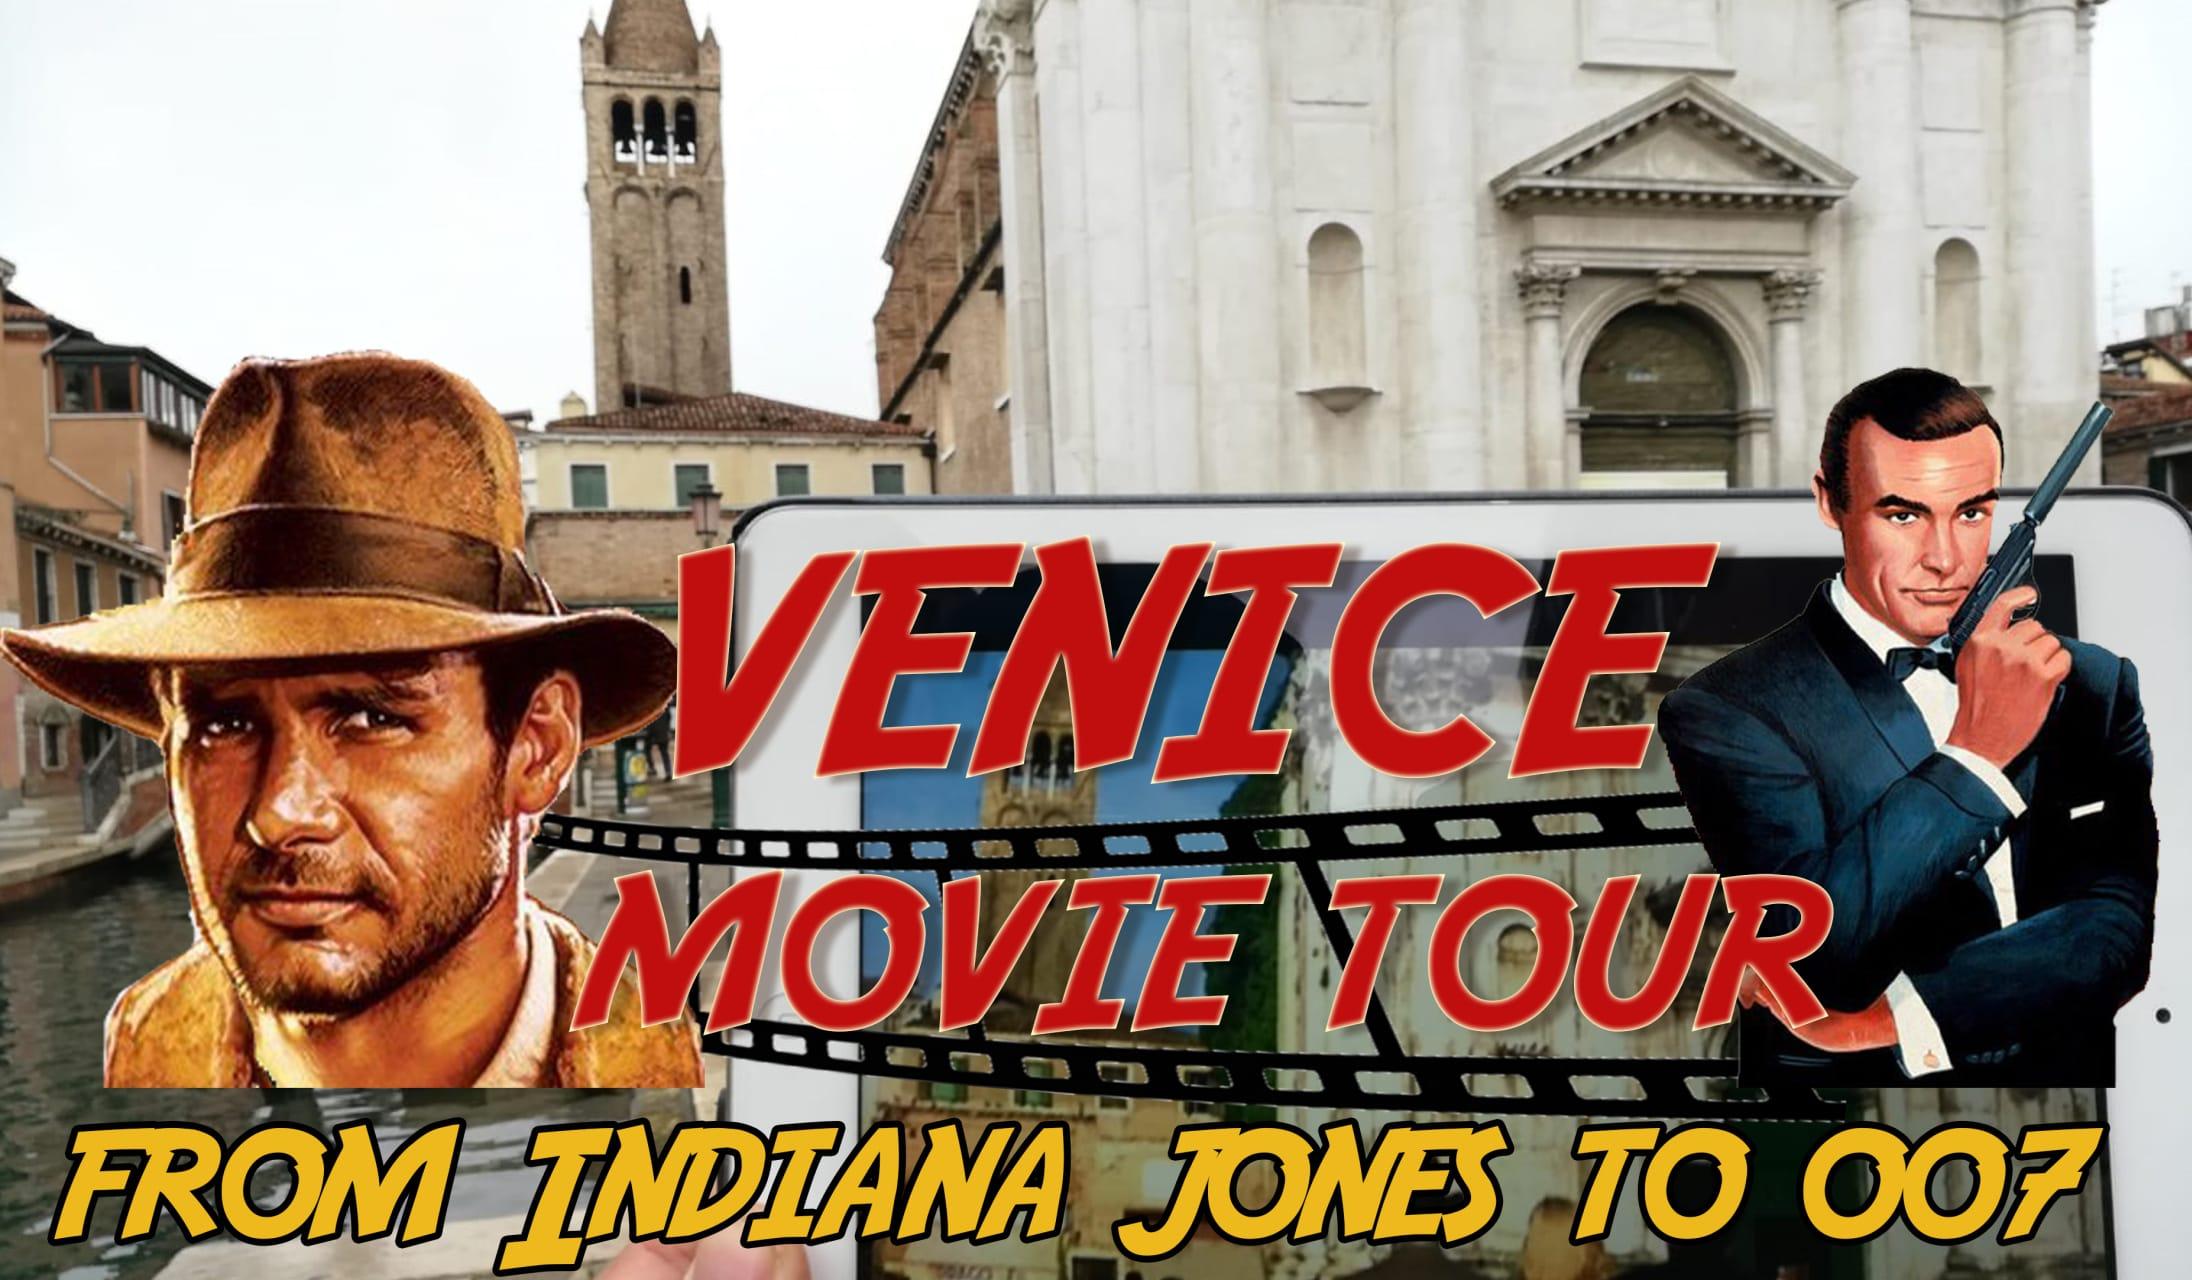 Venice - Venice Movie Tour